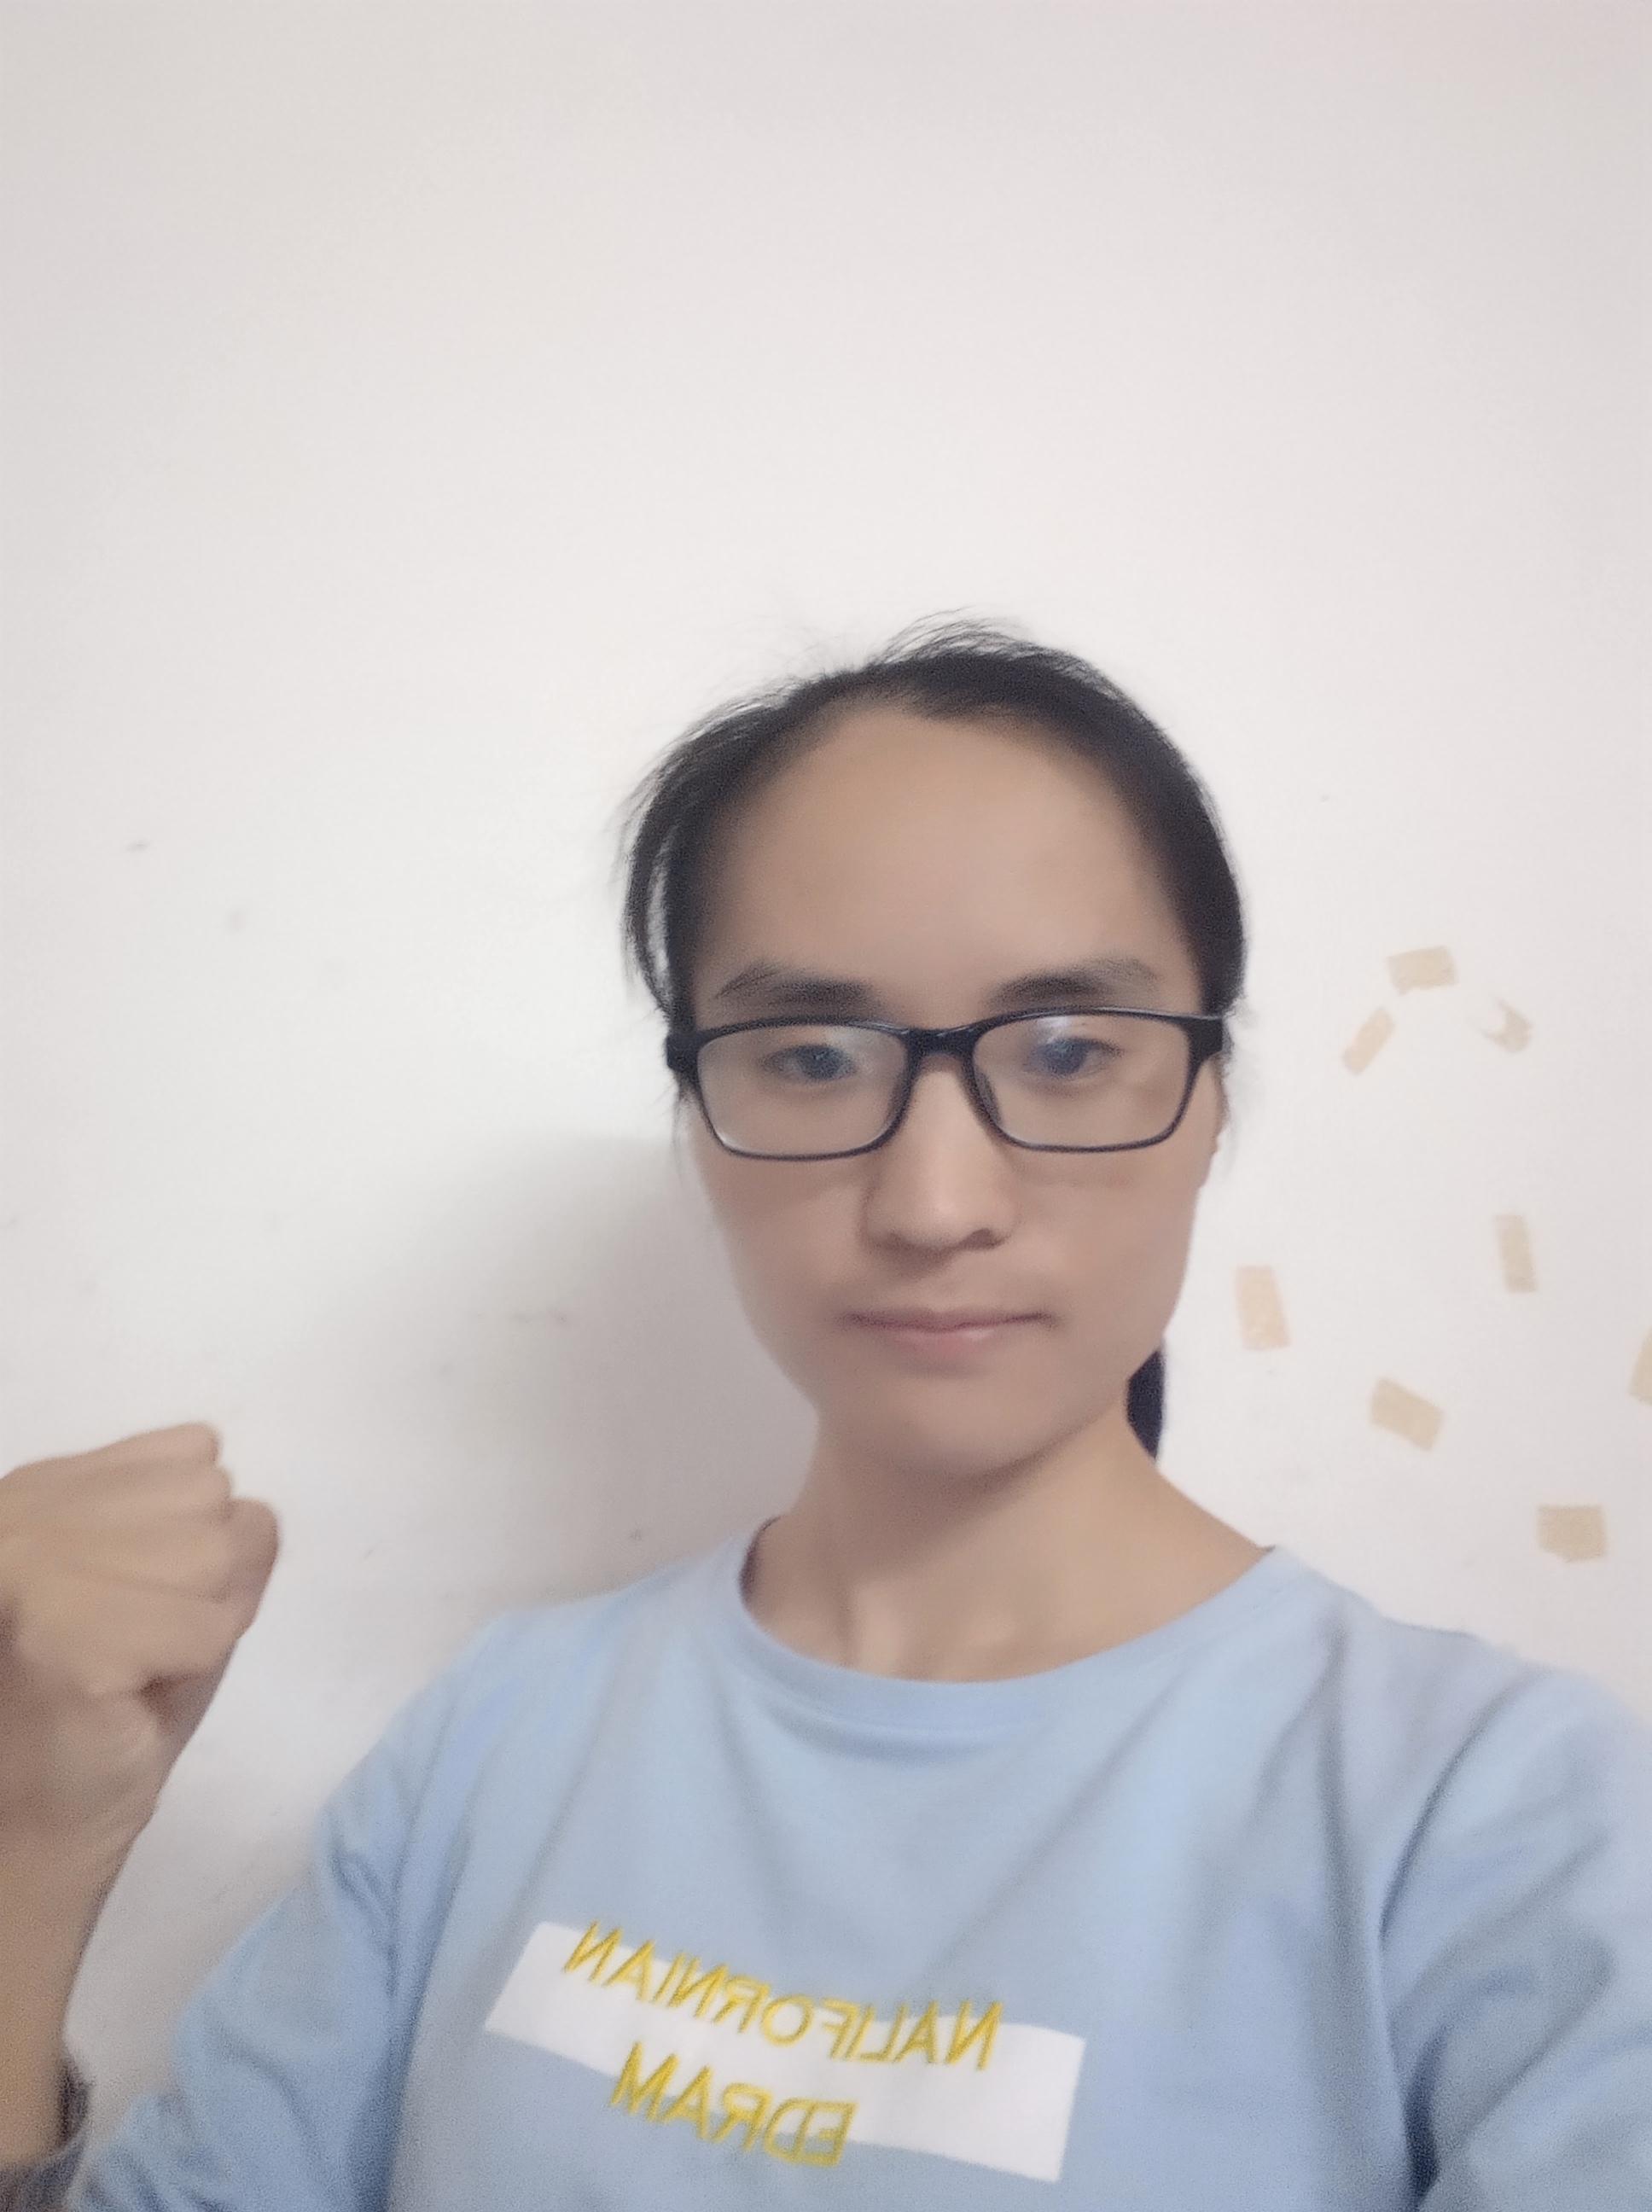 1109亲历者王贵霞:拒绝污蔑沈梦雨,我要站出来!